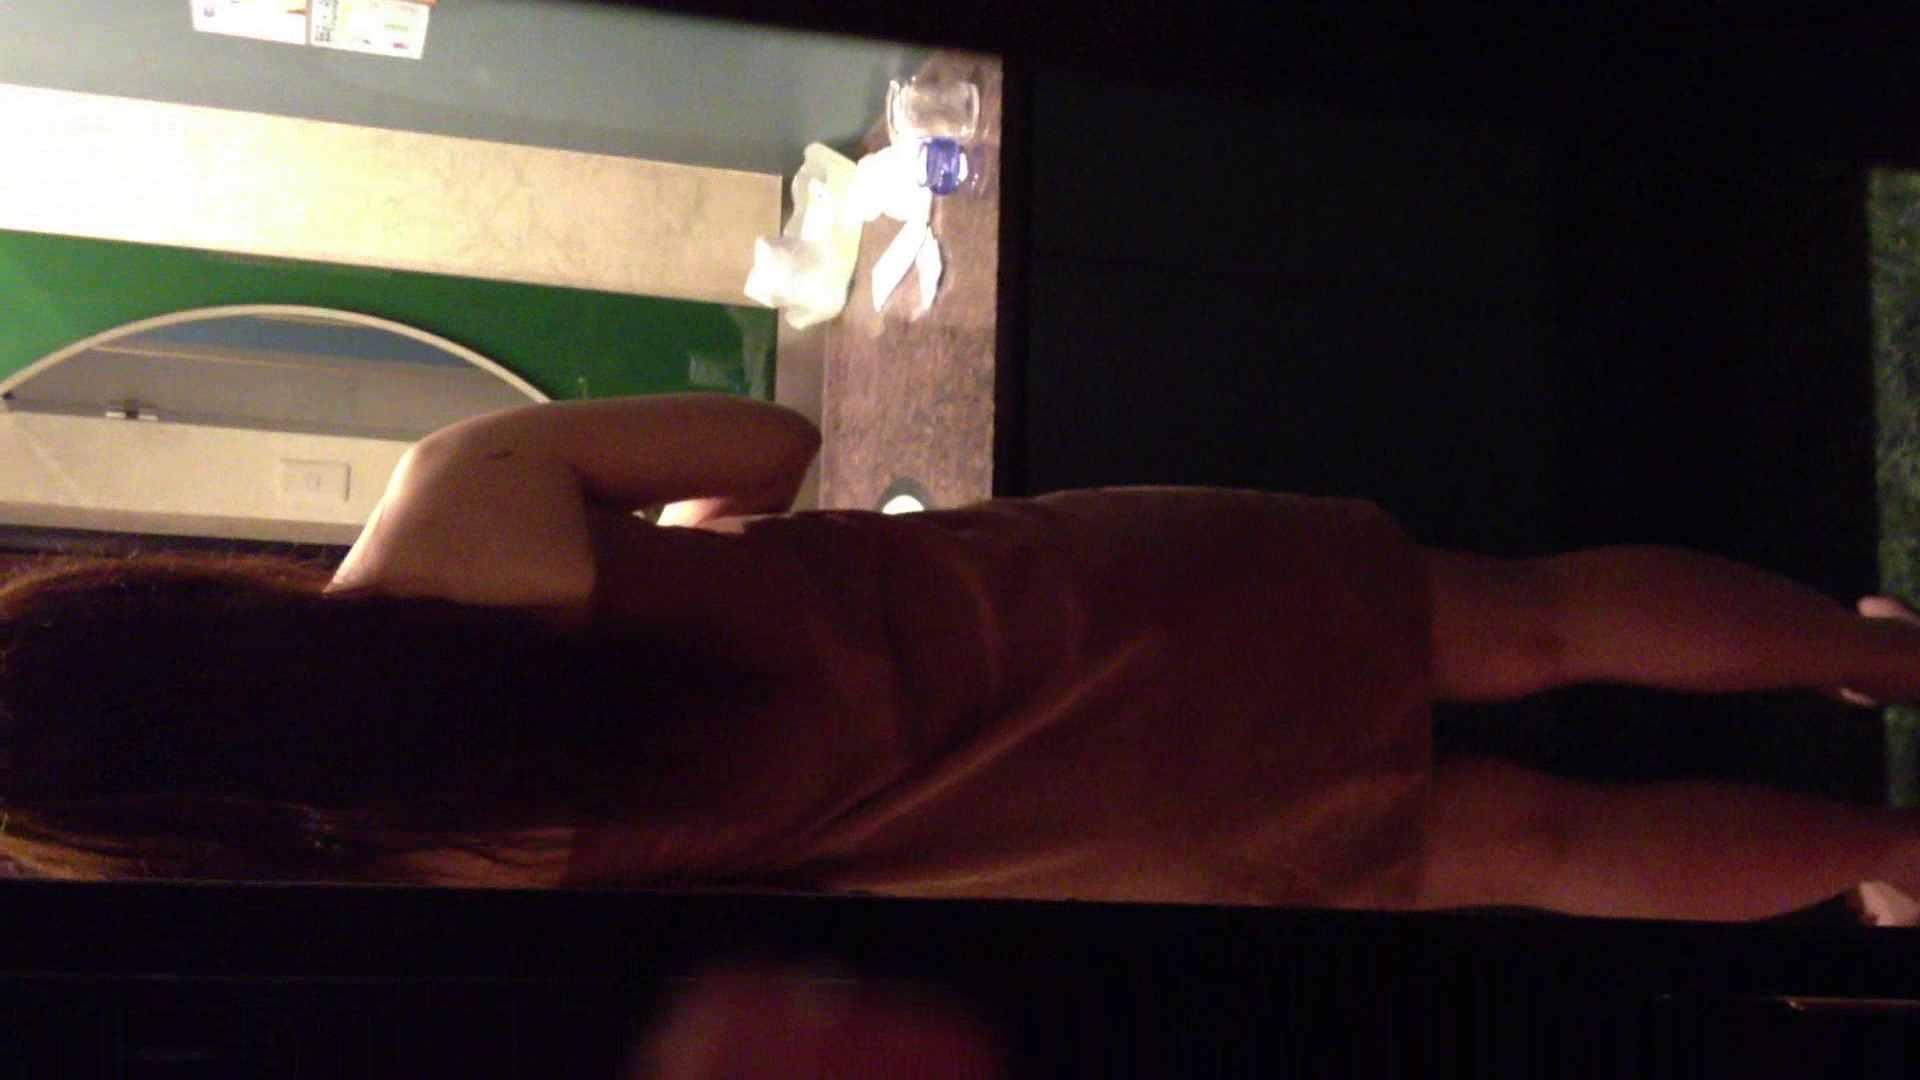 14(14日目)風呂上りのドライヤー マンコ・ムレムレ   盗撮師作品  105pic 11